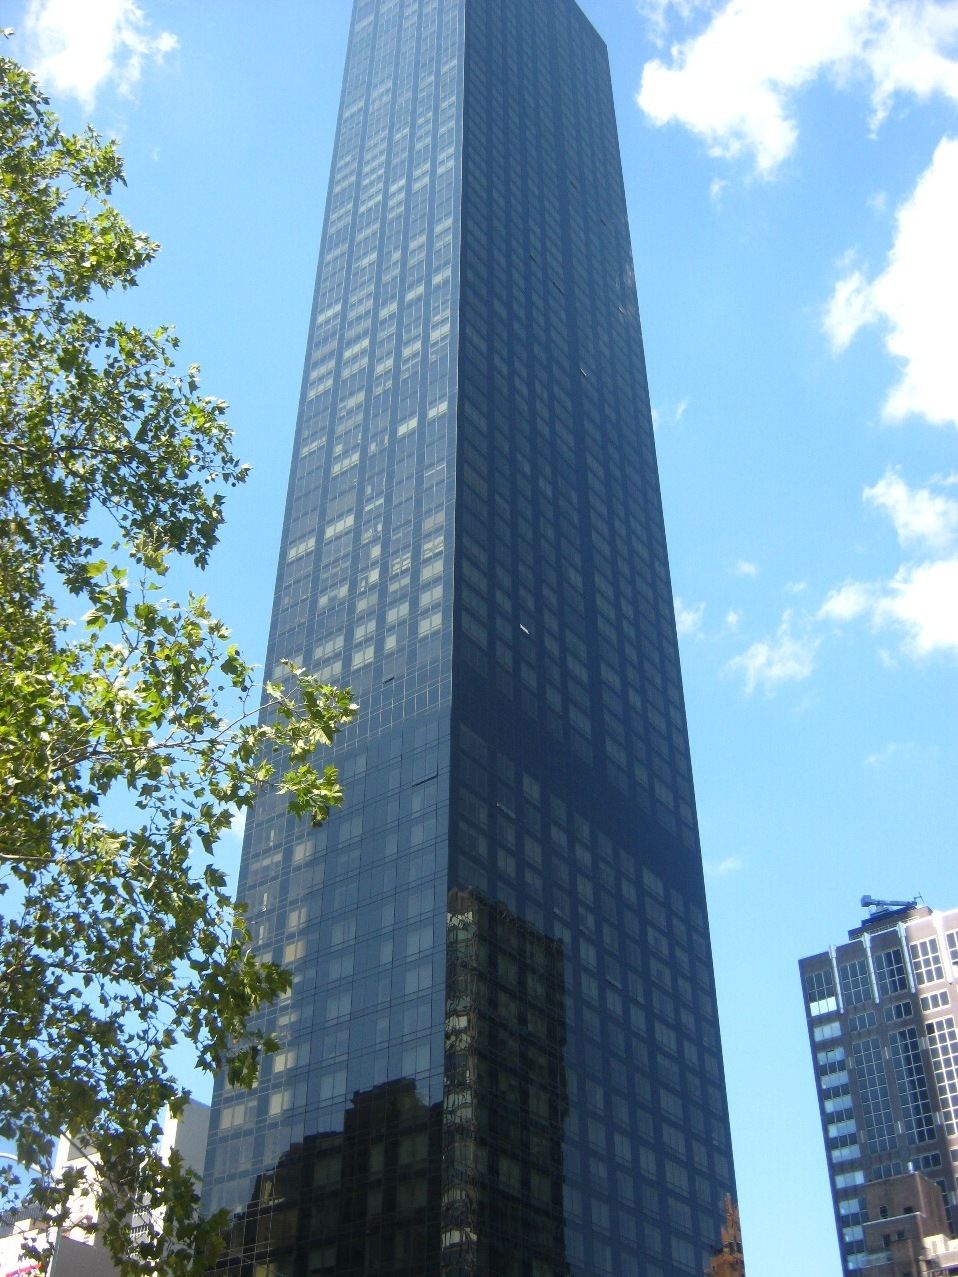 トランプ・ワールド・タワーの高層ビル。